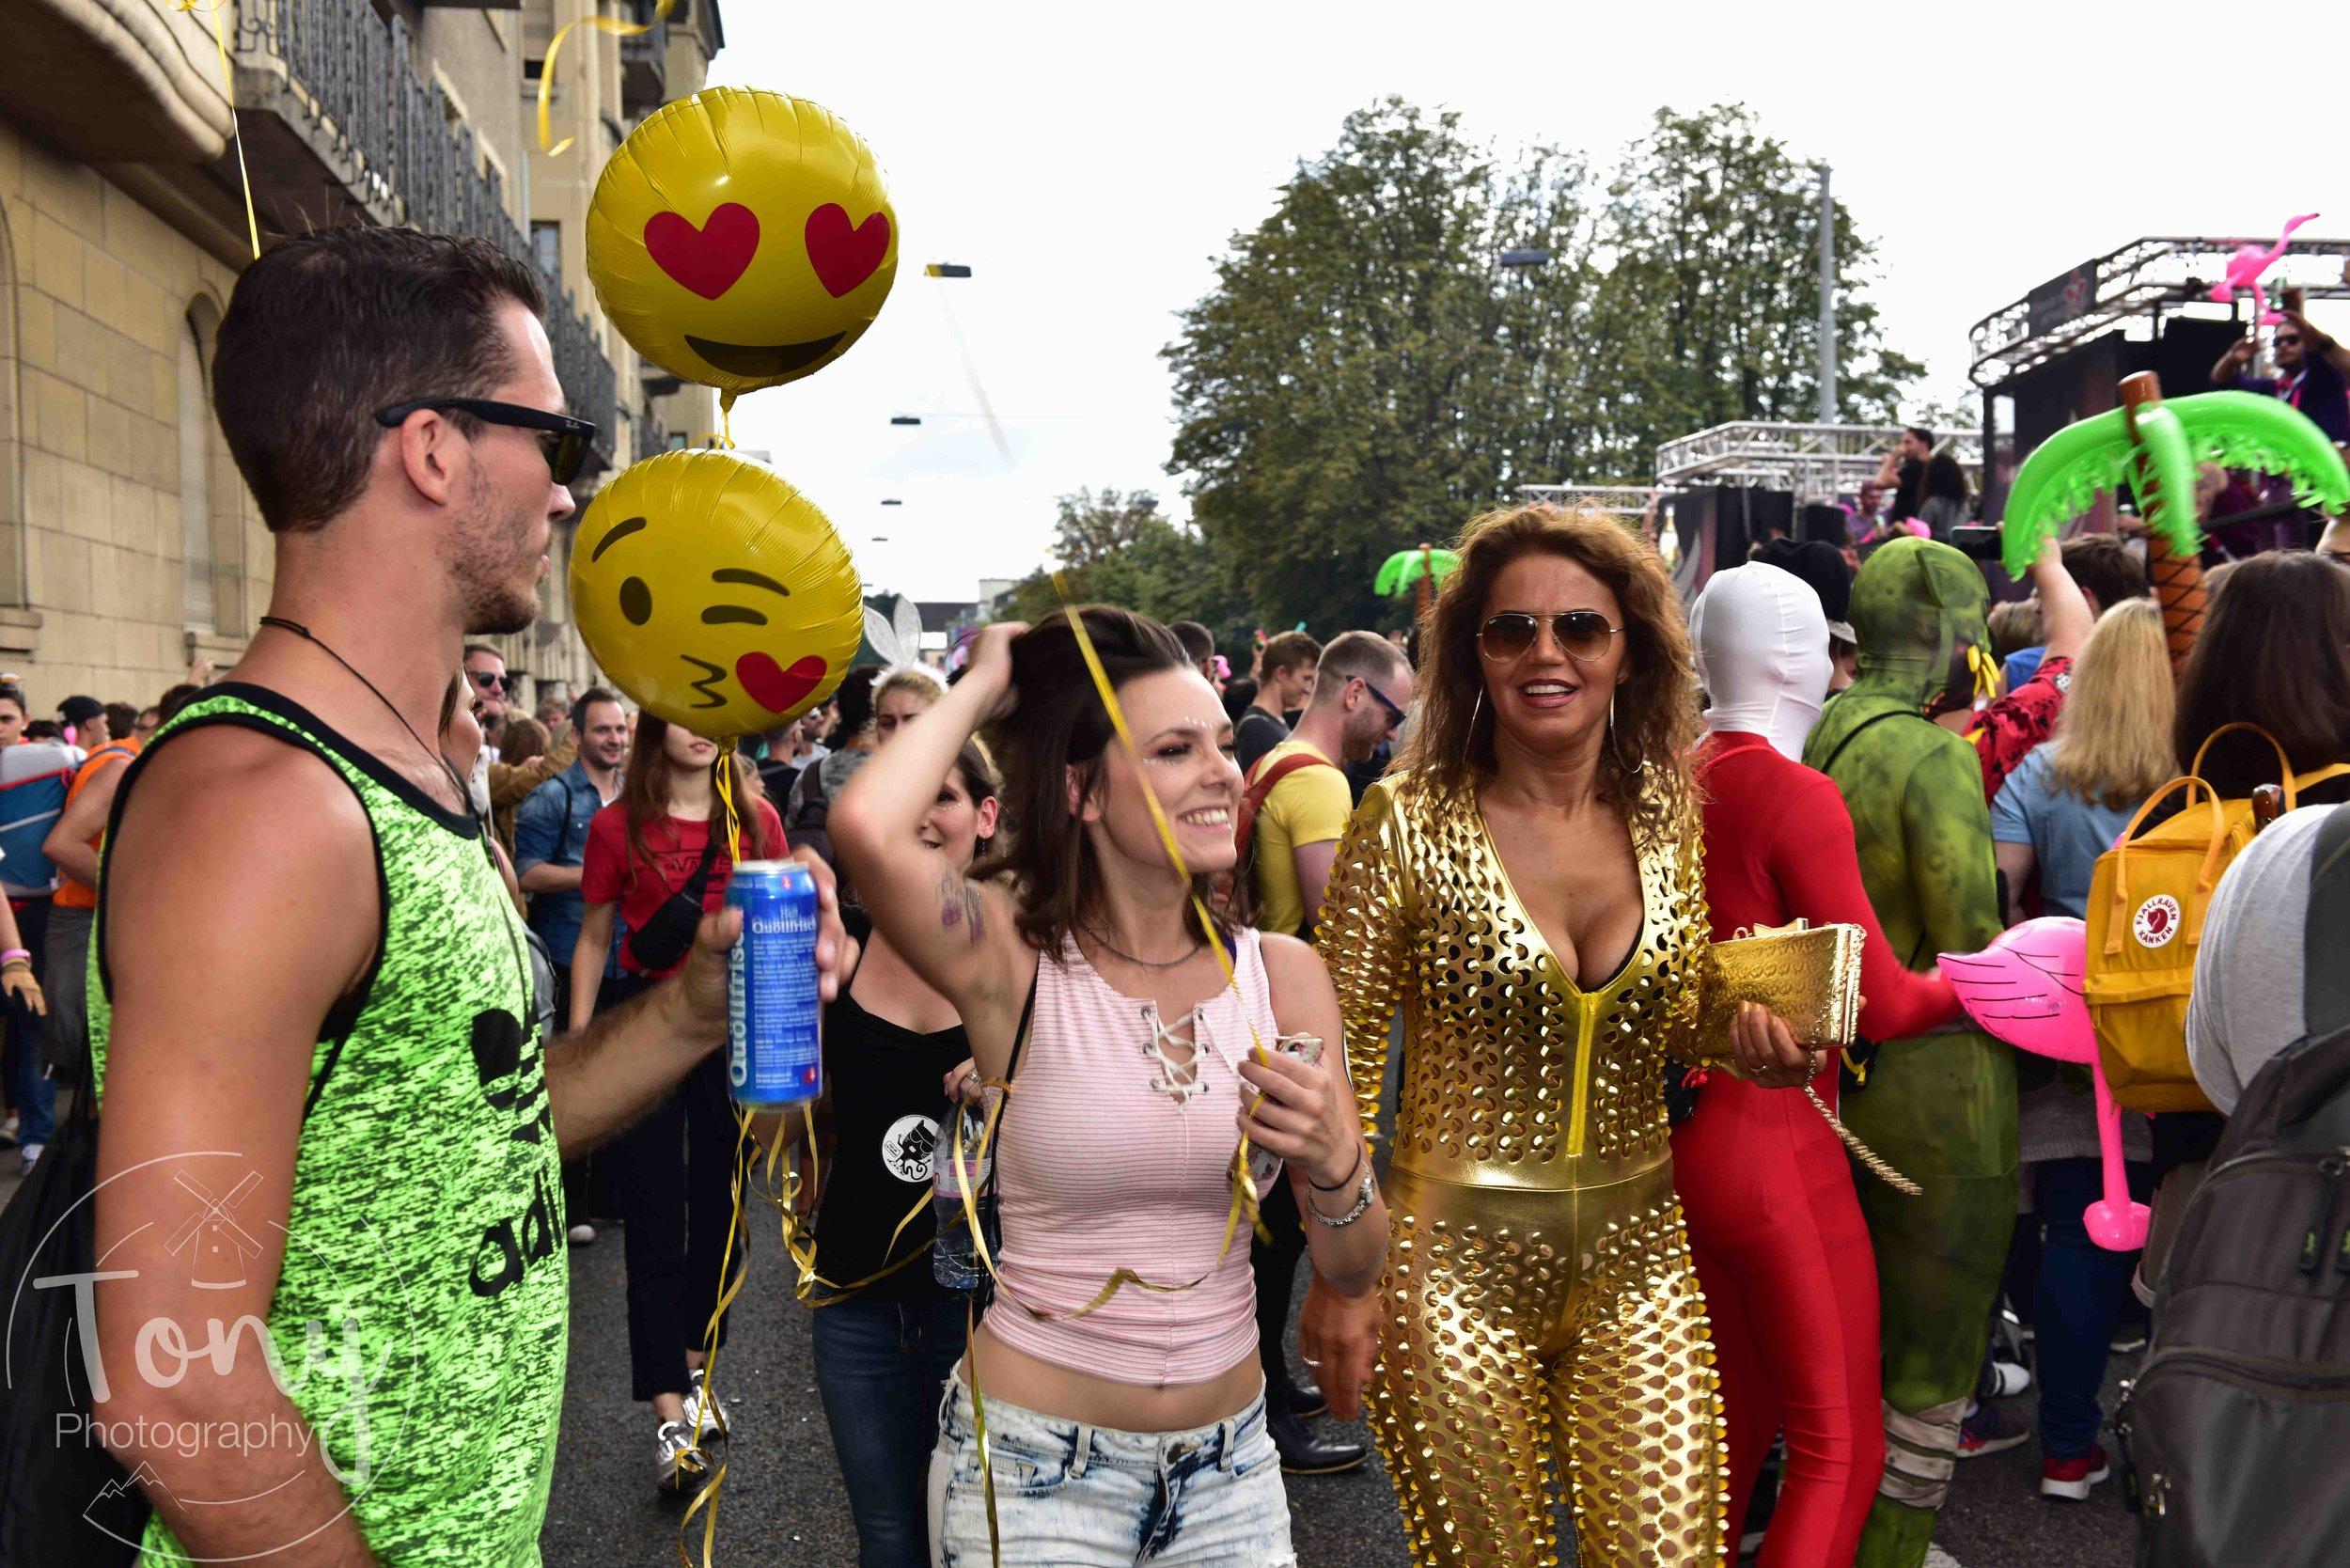 streetparade-58.jpg